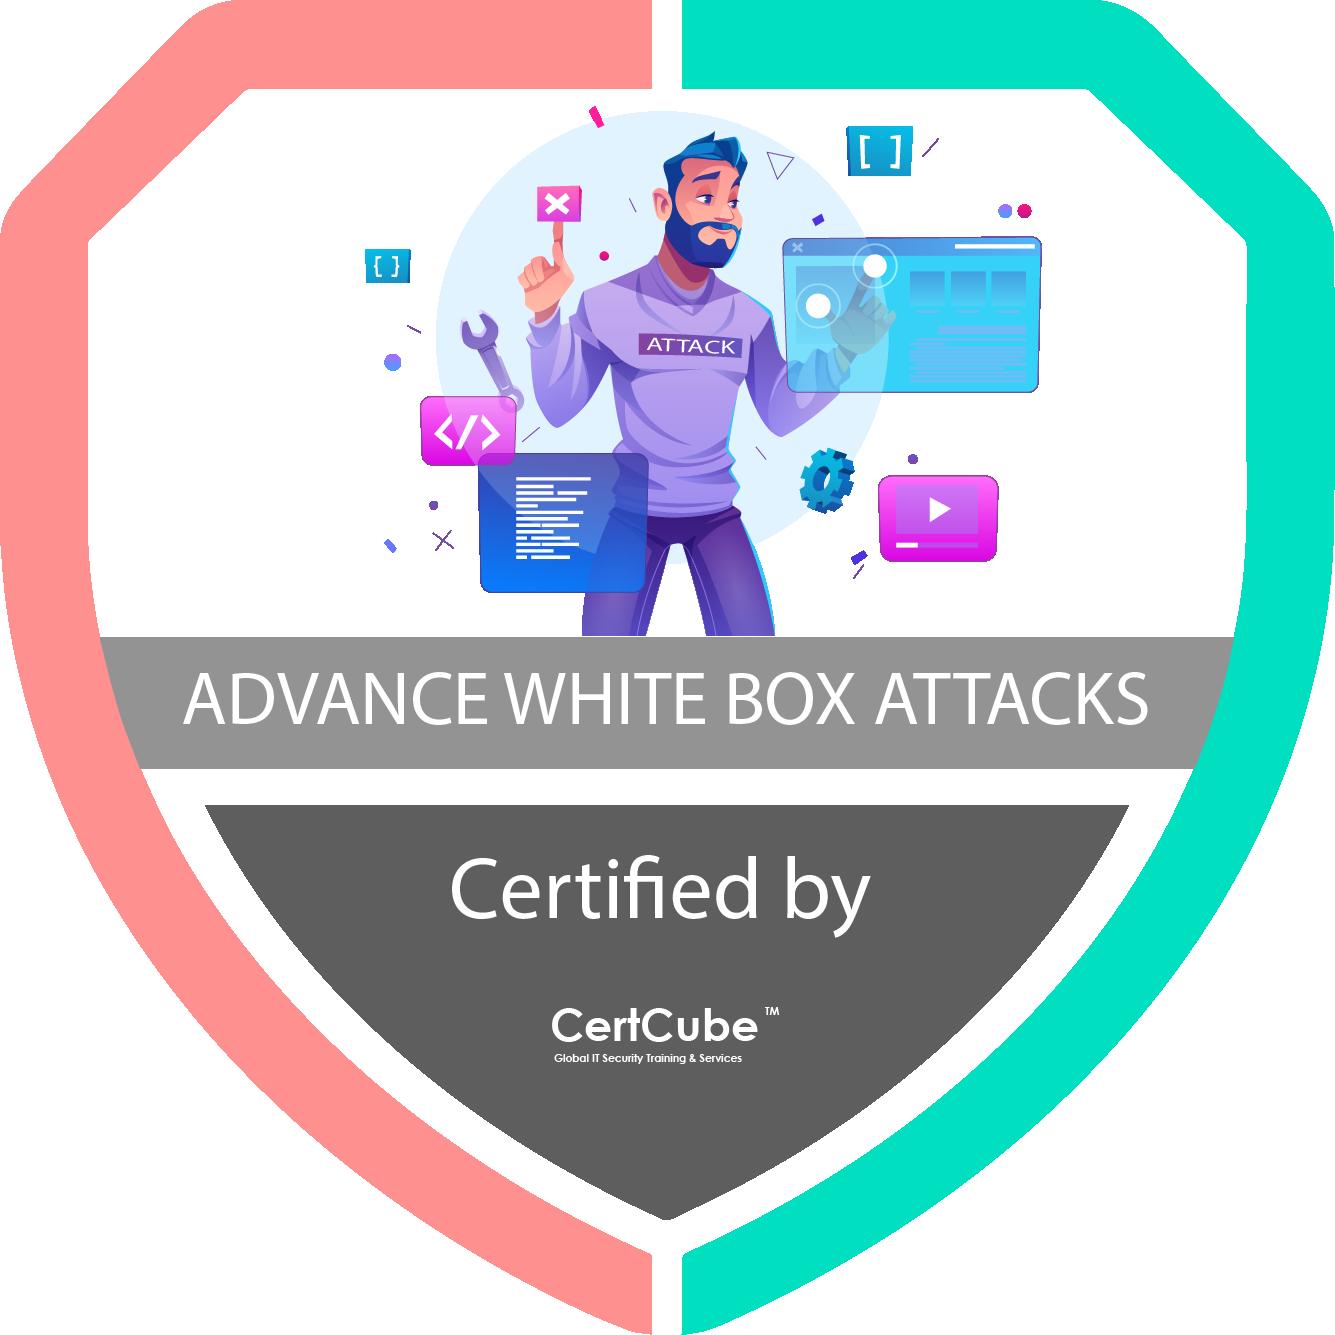 ADVANCE WHITE BOX ATTACKS-3